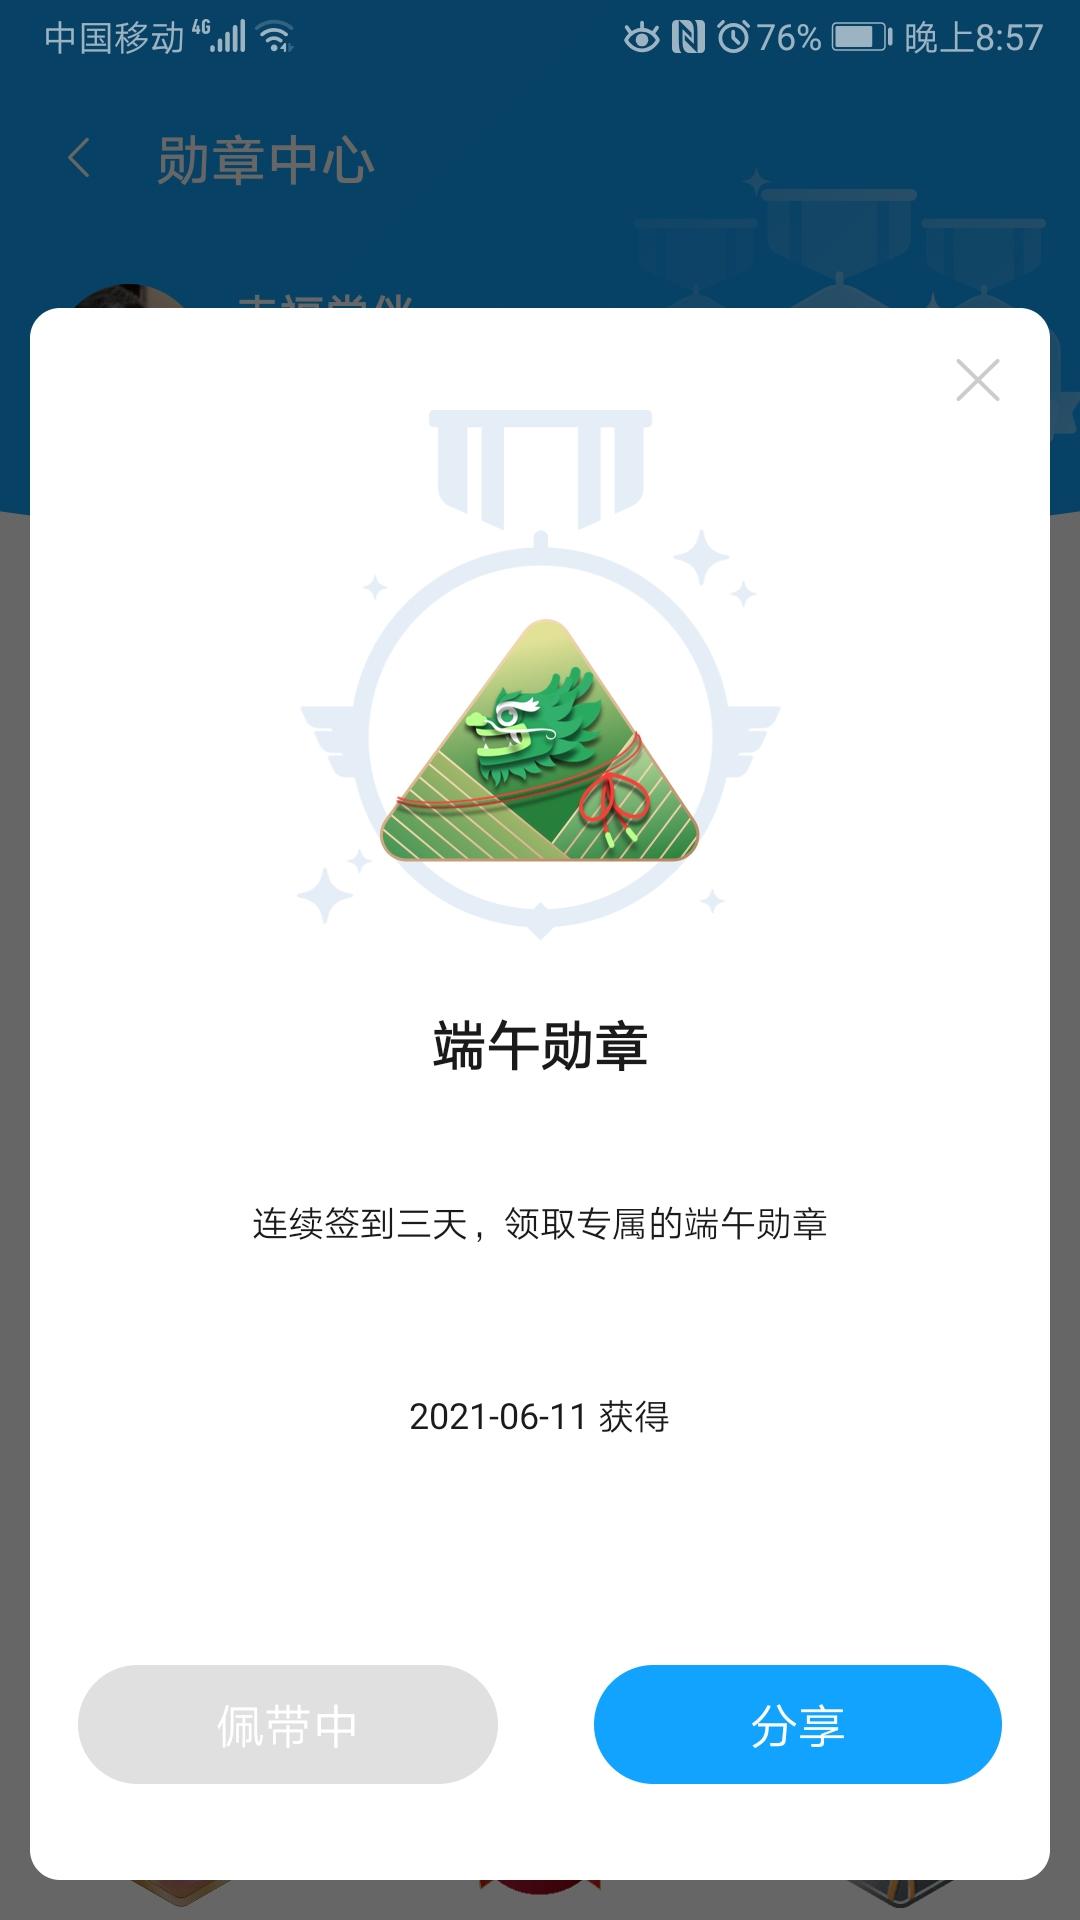 Screenshot_20210611_205705_com.huawei.fans.jpg